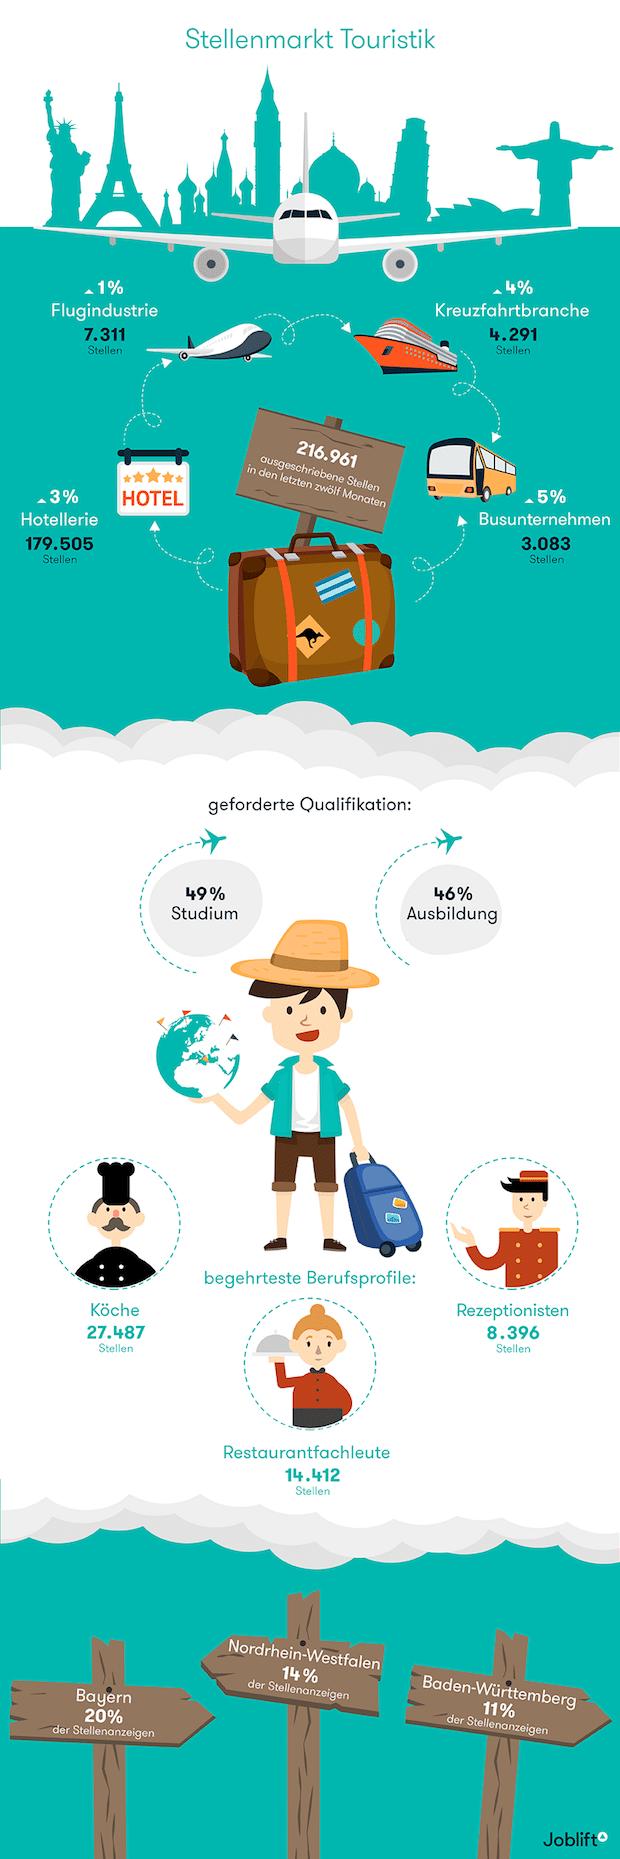 Bild von Joblift nimmt den Stellenmarkt der Reiseindustrie unter die Lupe